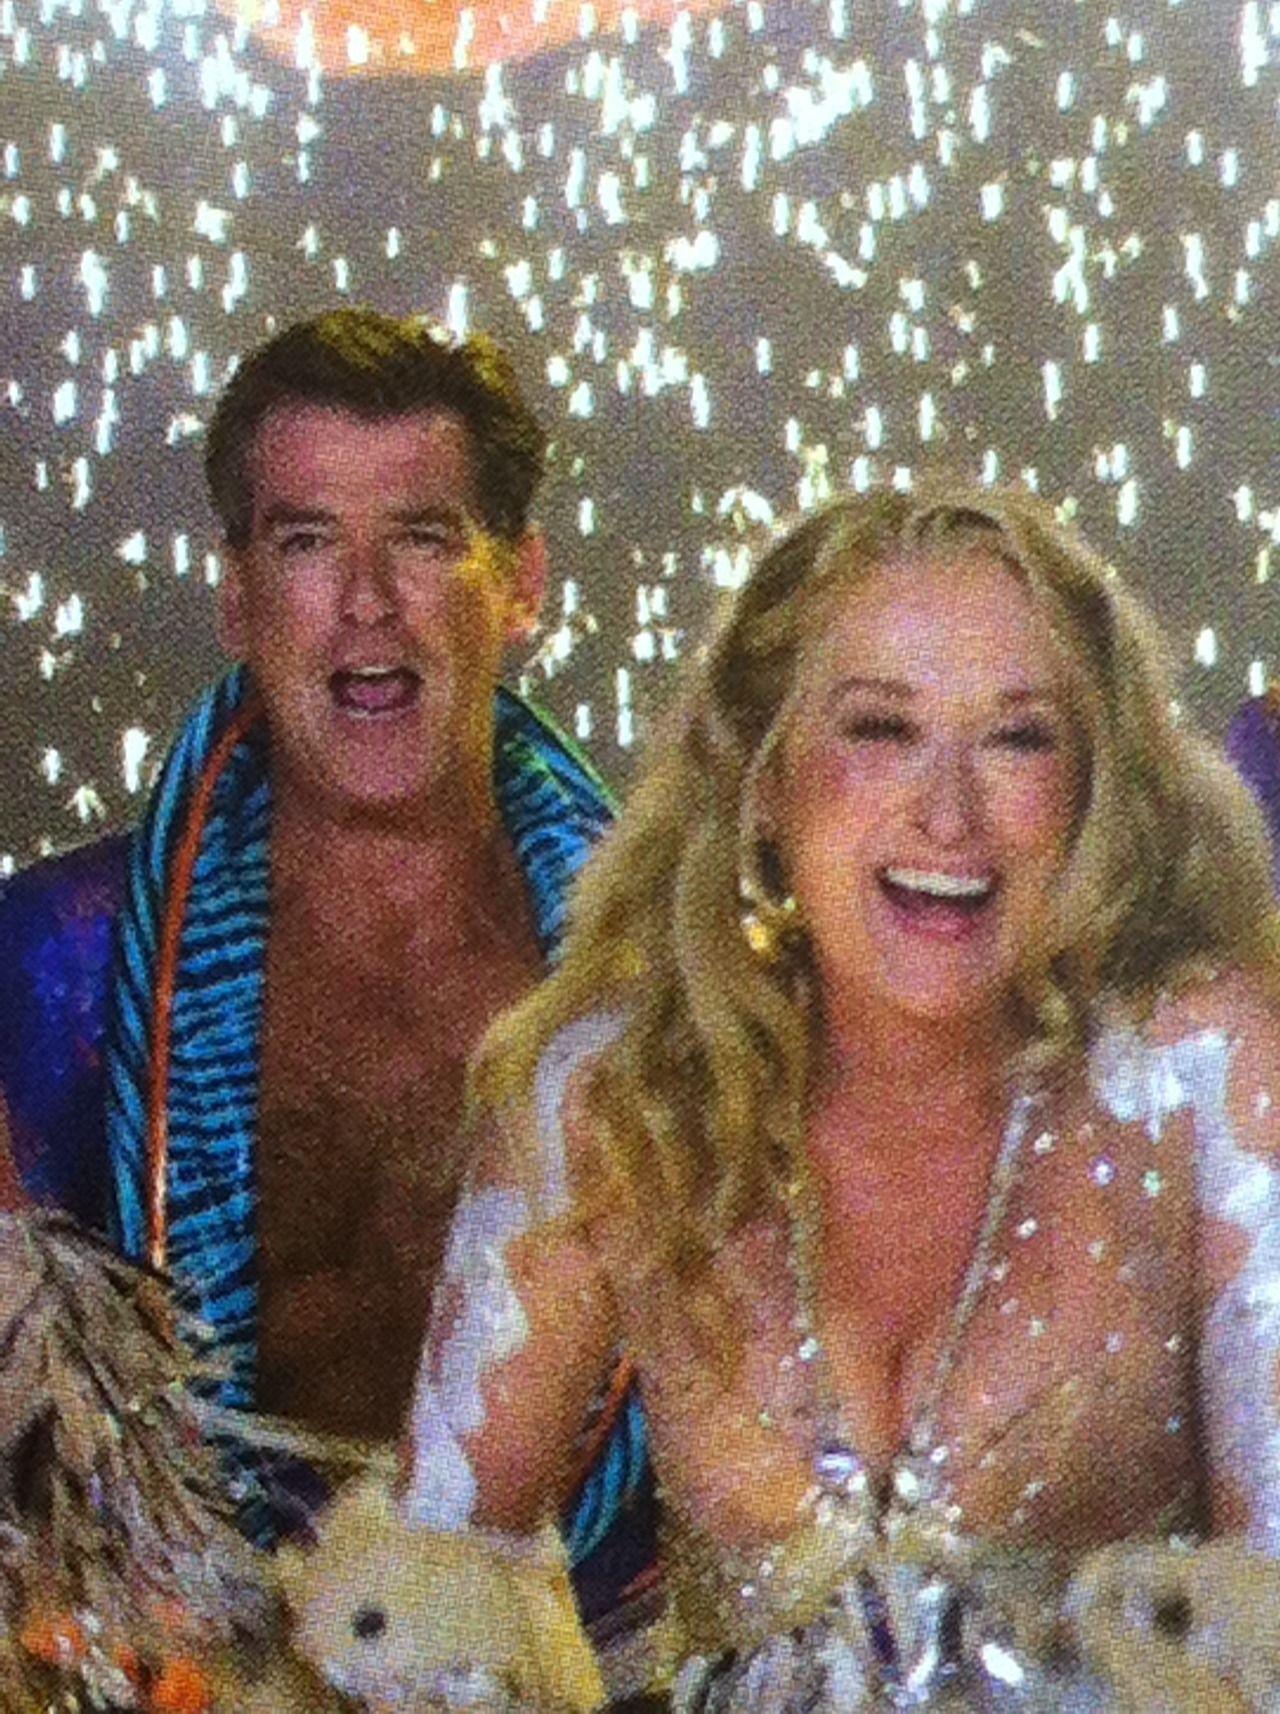 With Pierce Brosnan In Mamma Mia Mamma Mia